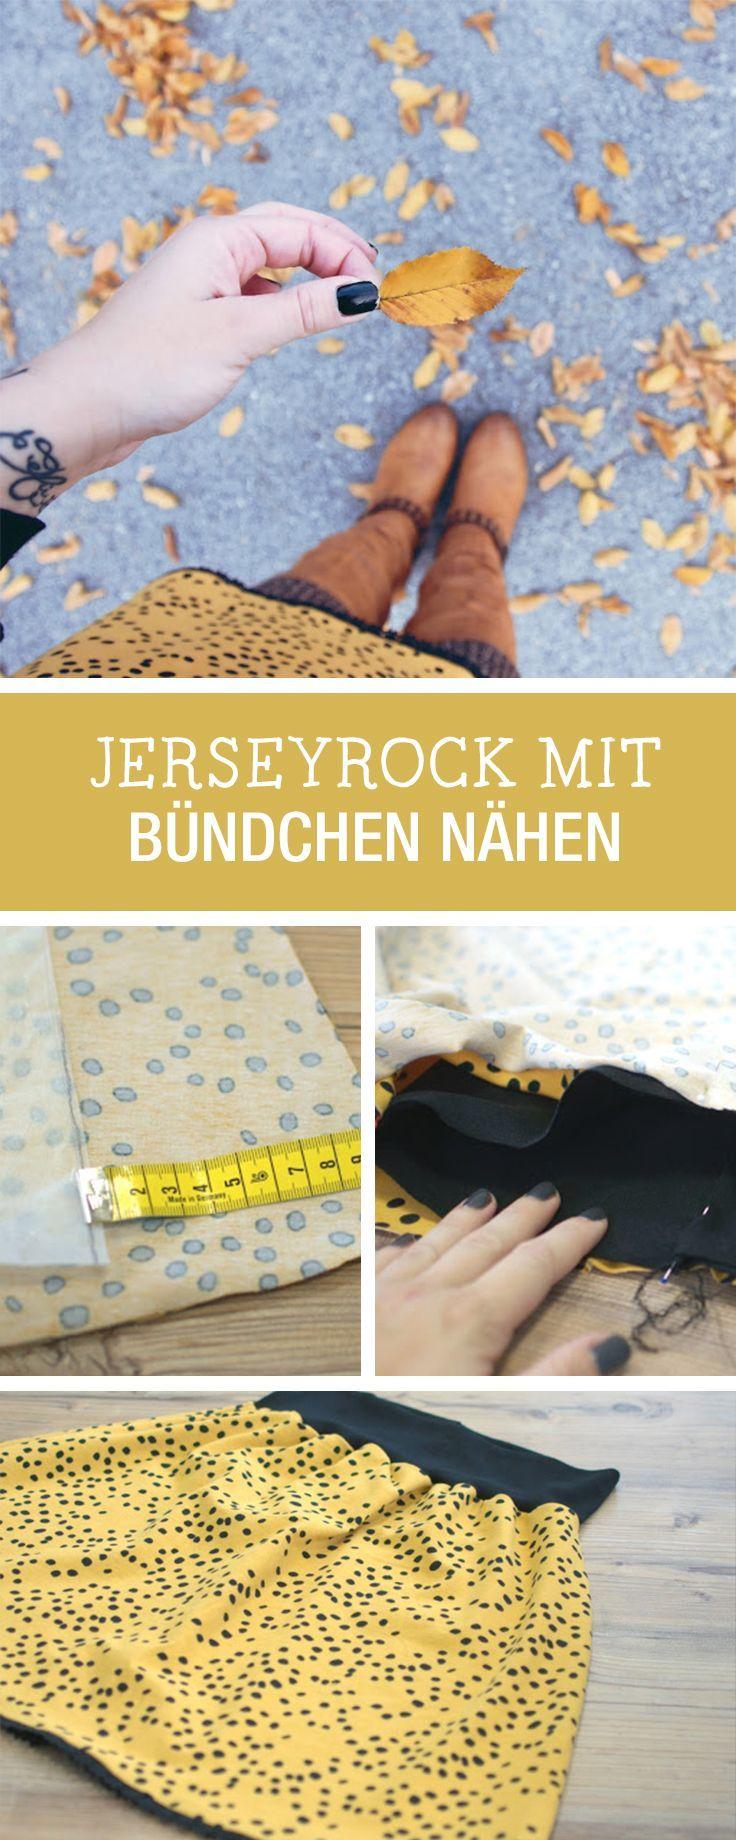 172 best Nähen: Nähen für Anfänger images on Pinterest | Nähideen ...